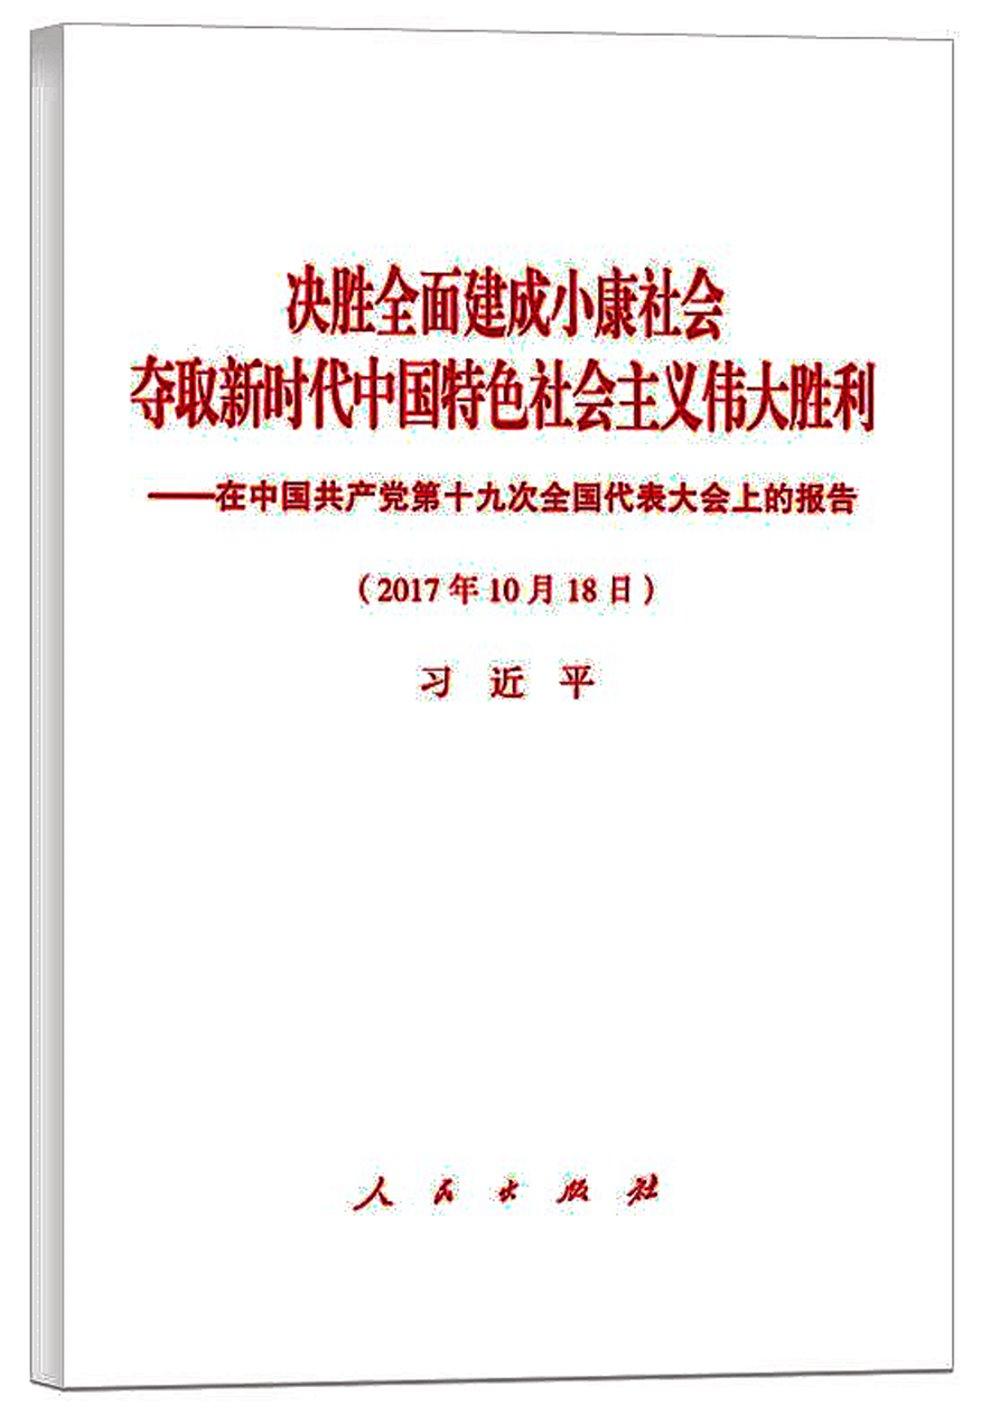 決勝全面建成小康社會奪取新時代中國特色社會主義偉大勝利--在中國共產黨第十九次全國代表大會上的報告(2017年10月18日)